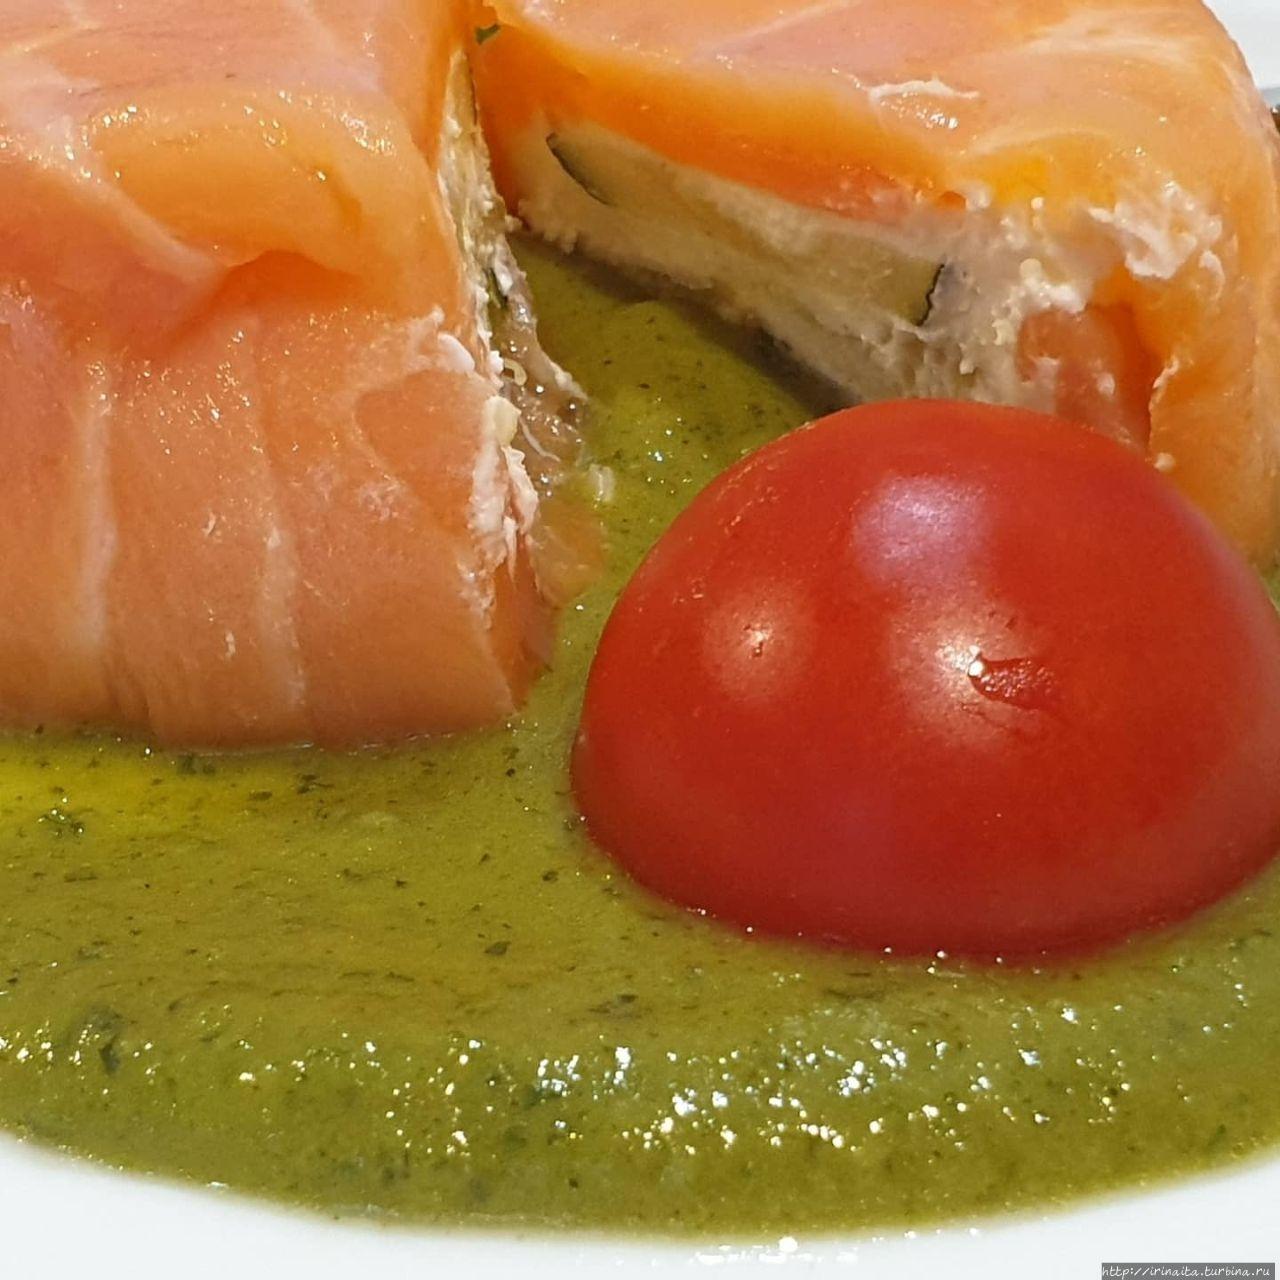 Новый недорогой рыбный ресторан в Риме уже открылся Рим, Италия